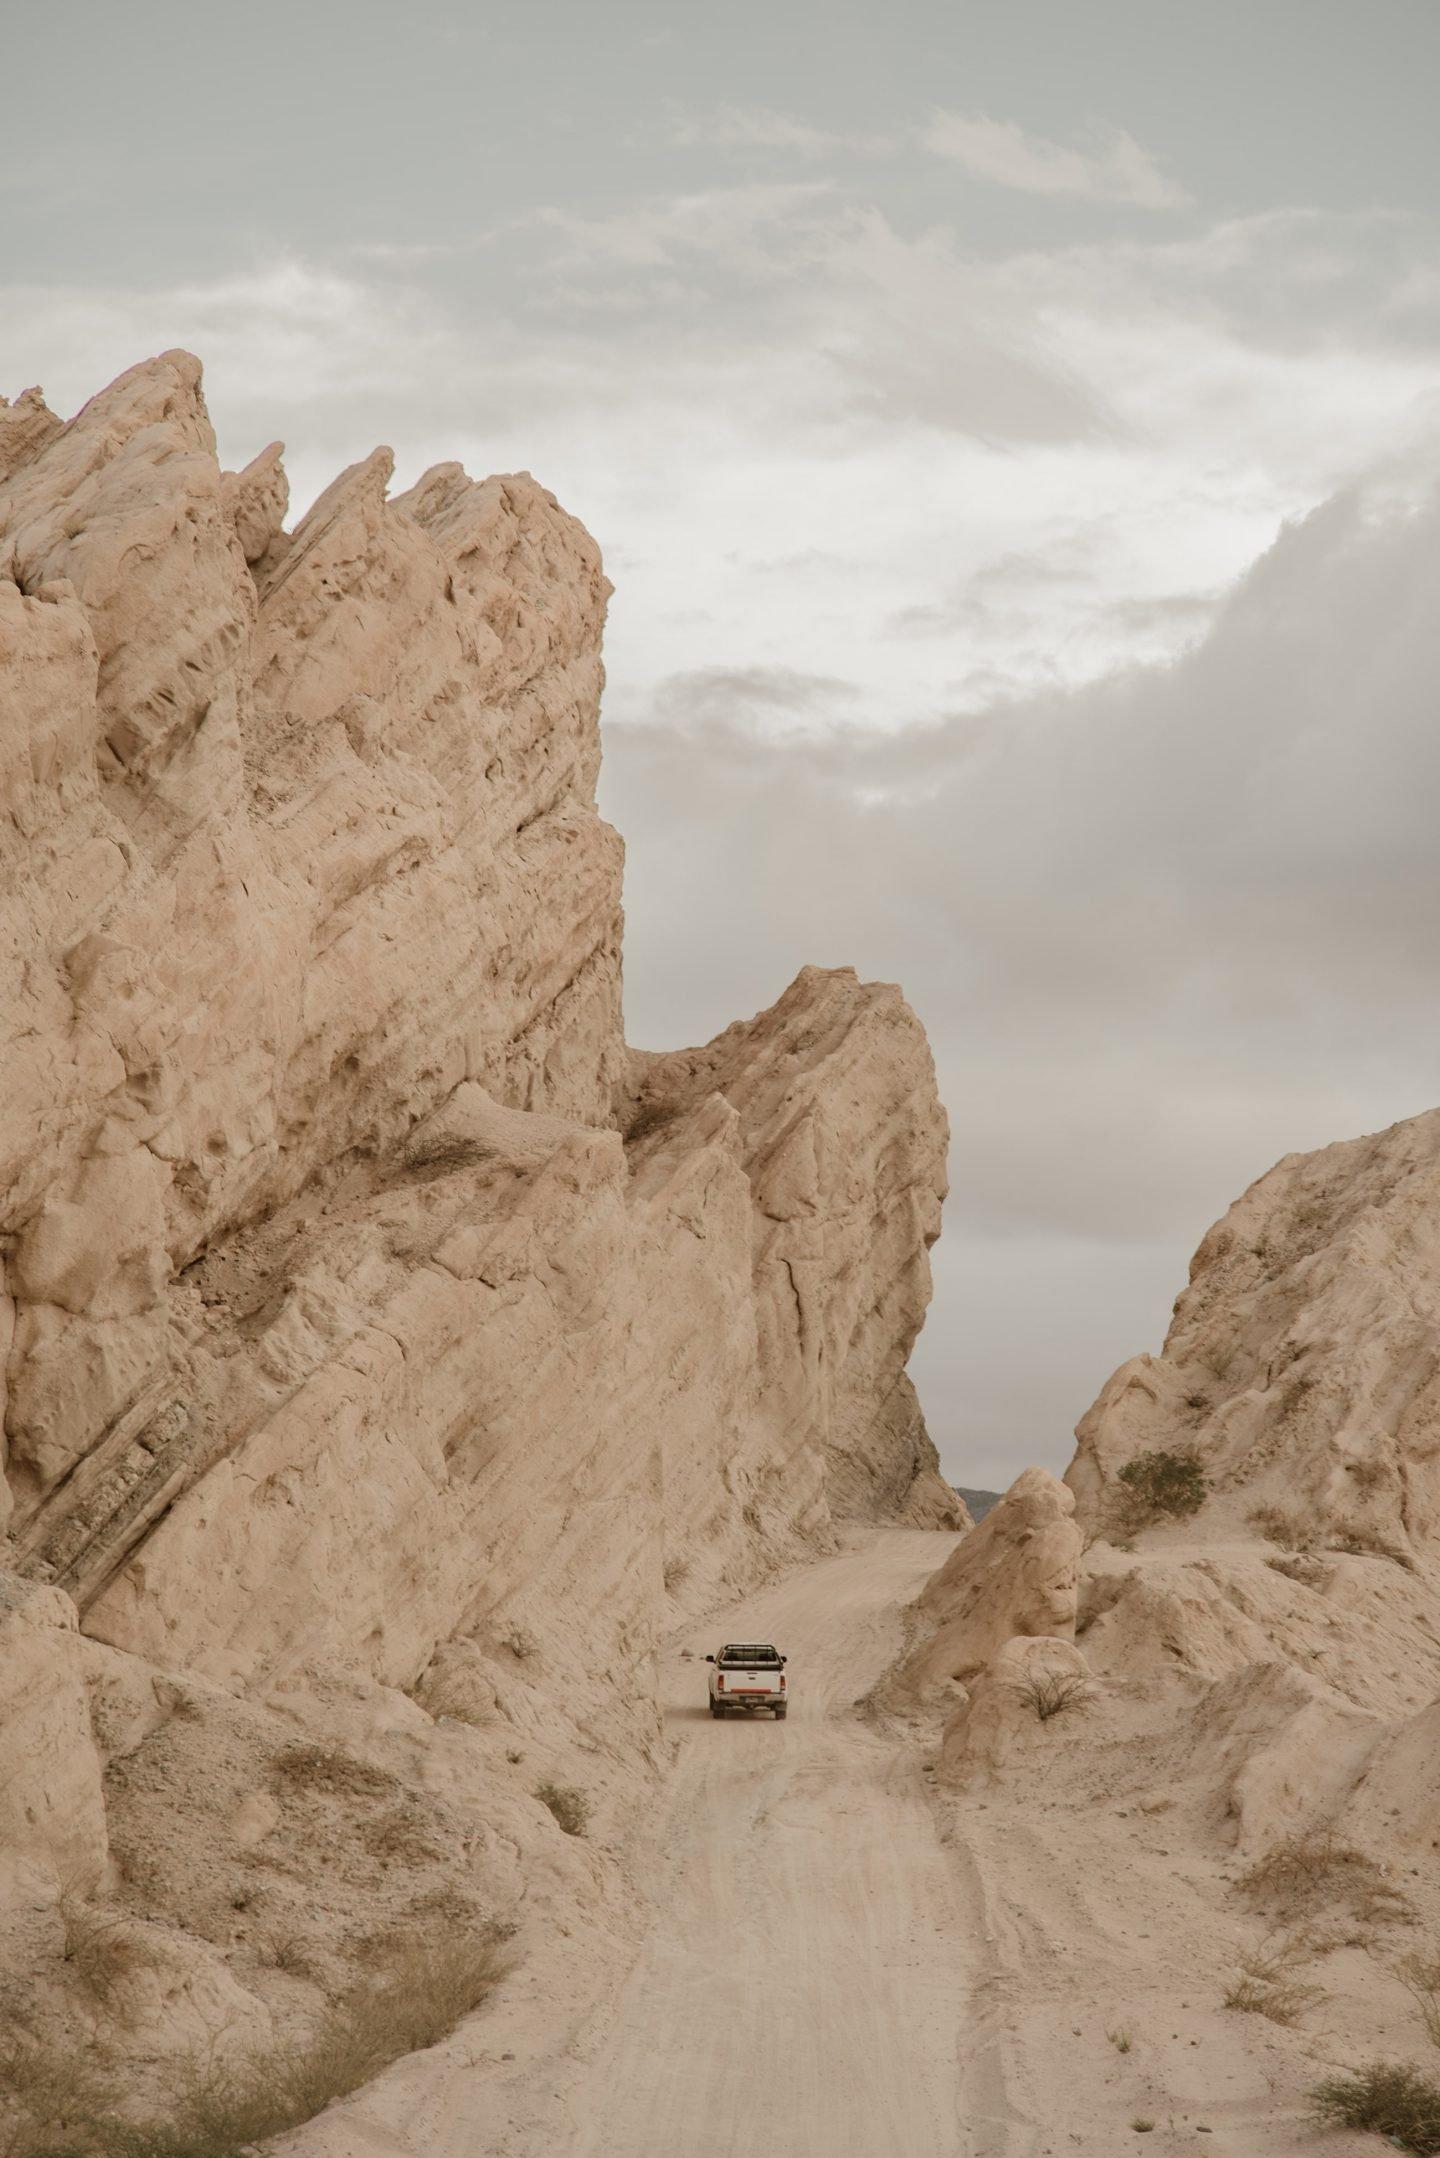 IGNANT-Photography-Landscape-HoracioReyePaez-11